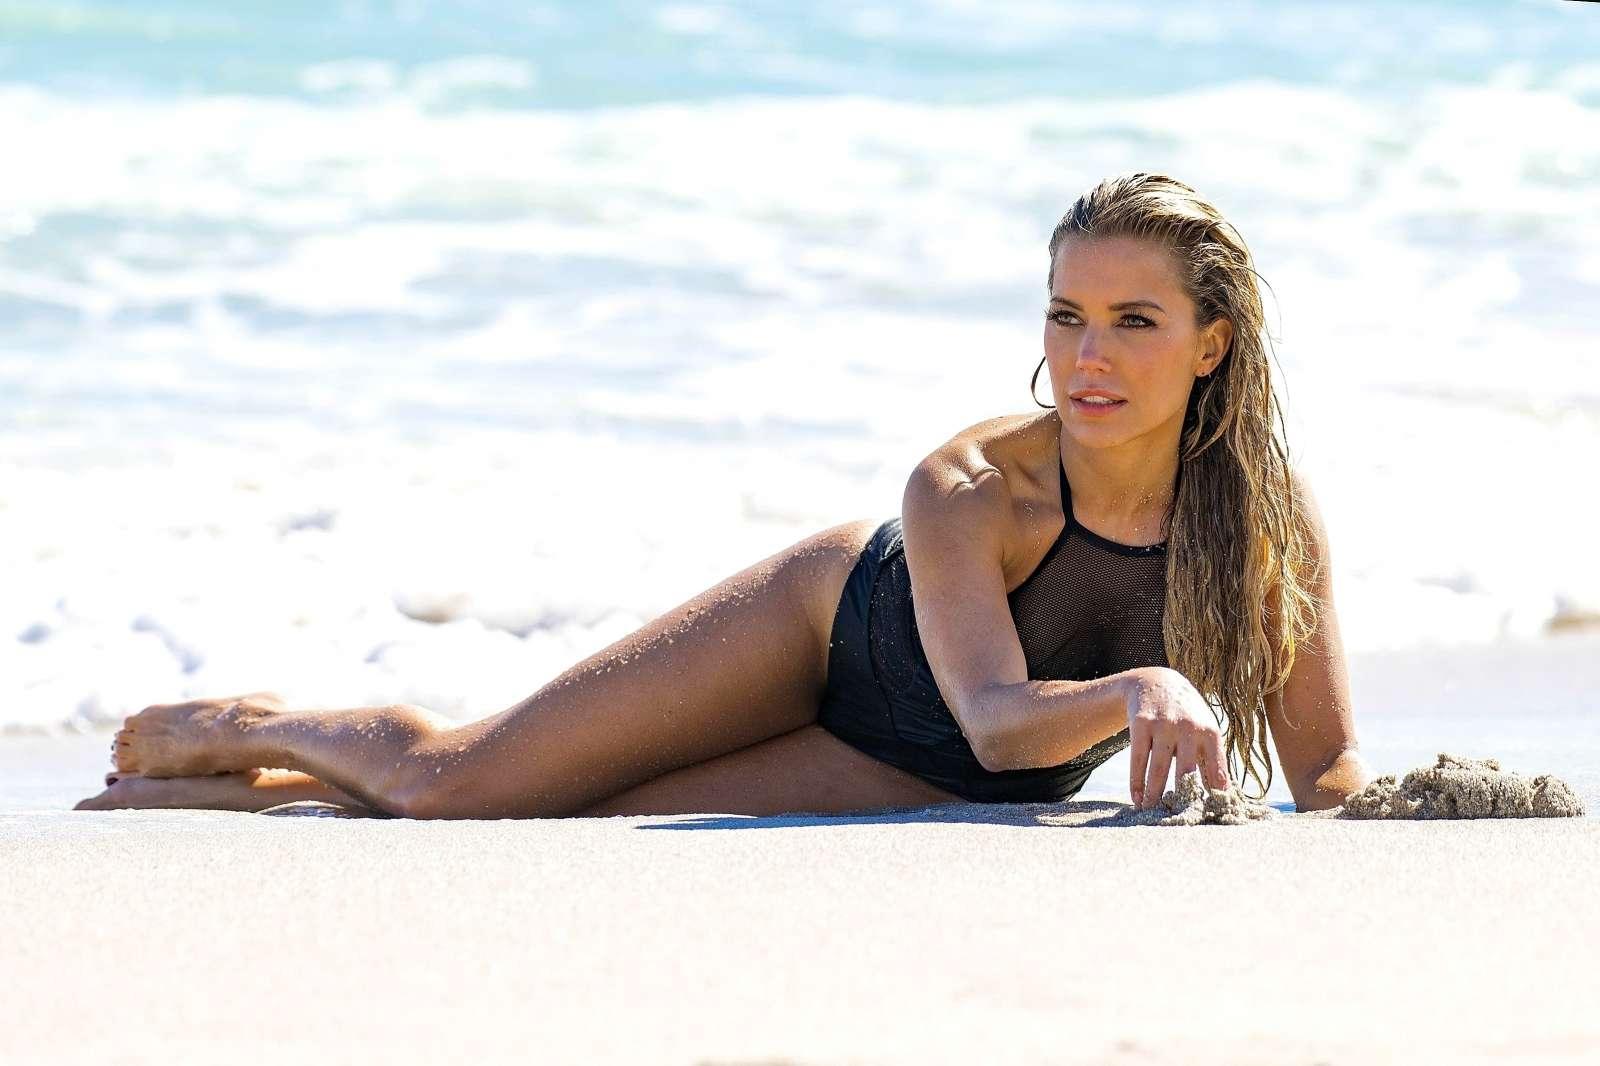 Sylvie Meis – Sylvie Designs Bikini Collection Photoshoot ...